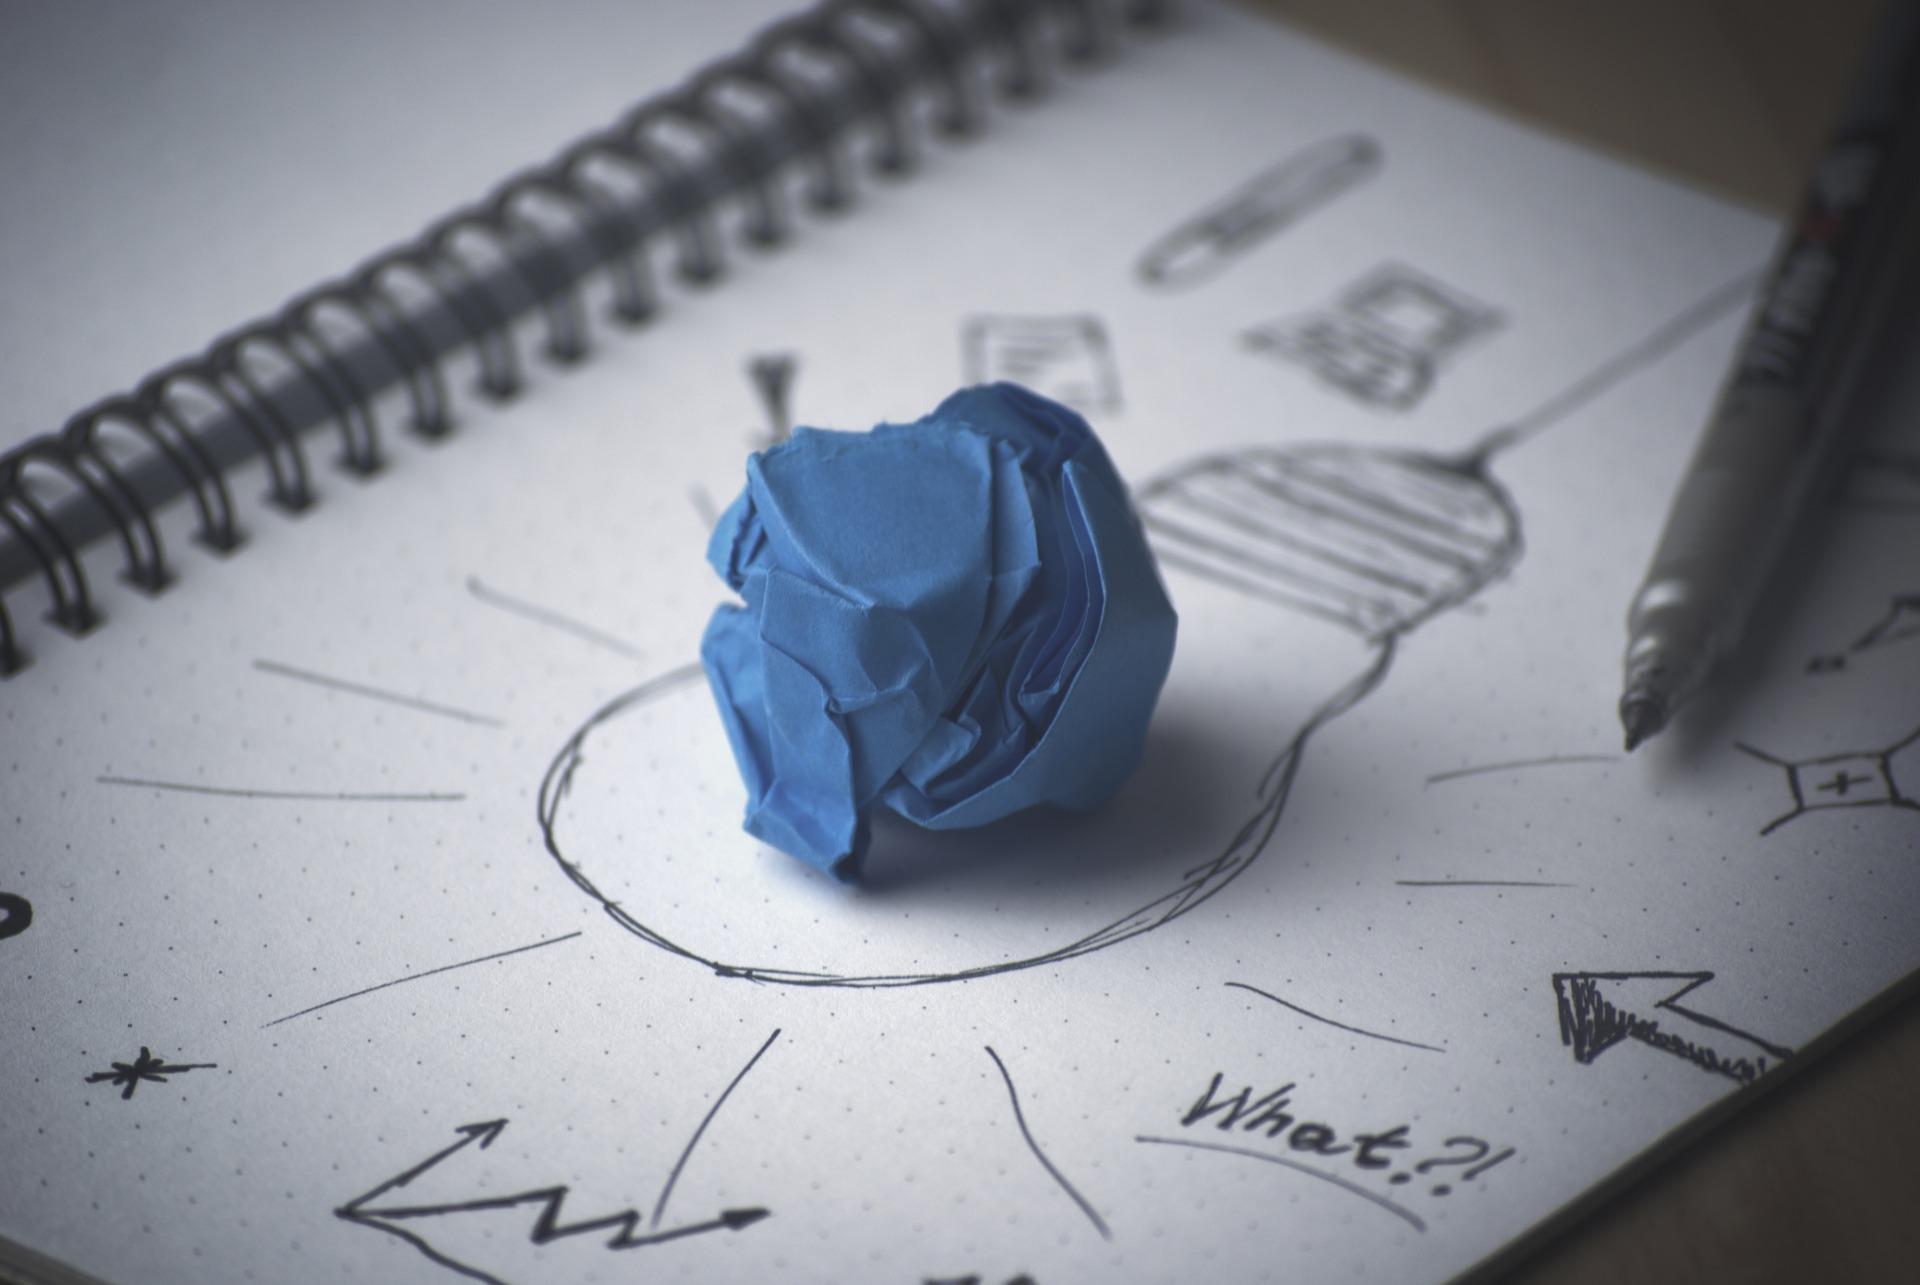 【来たるAI時代に備えて】想像力を鍛えて仕事に活かすために意識することのアイキャッチイメージ